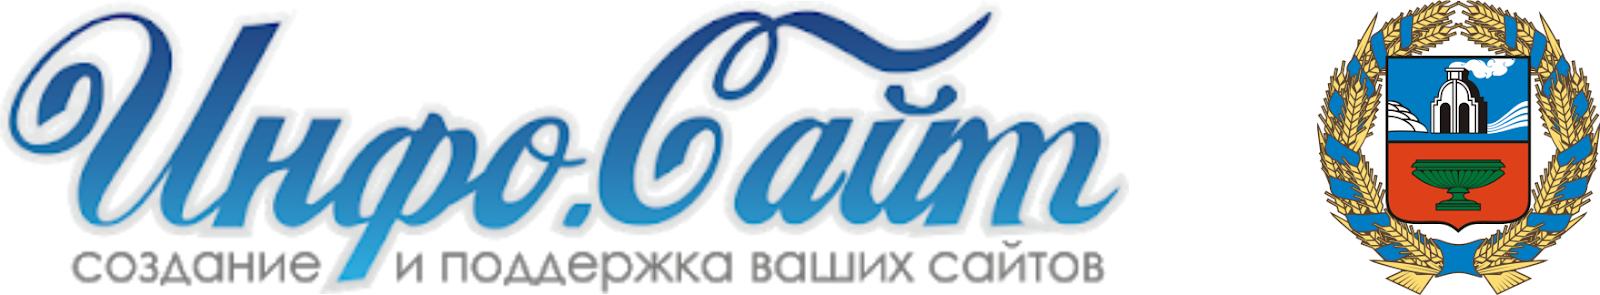 Алтайский край 🌍 Новости : Информационный агрегатор Инфо-Сайт